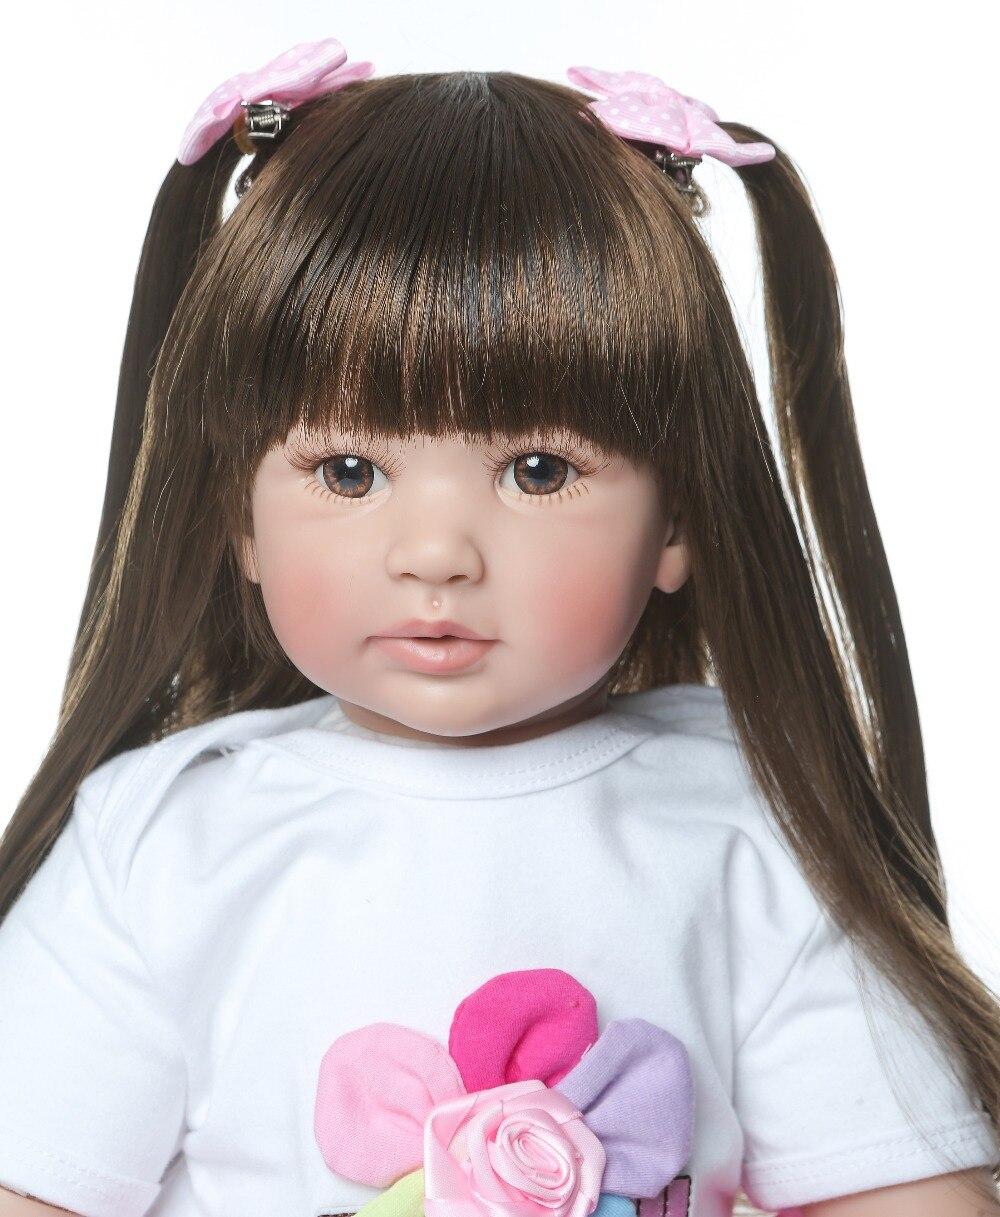 Alta calidad 60 cm tamaño grande reborn Infante princesa silicona vinilo adorable realista bebé Bonecas chica bebe muñeca reborn menina-in Muñecas from Juguetes y pasatiempos    2